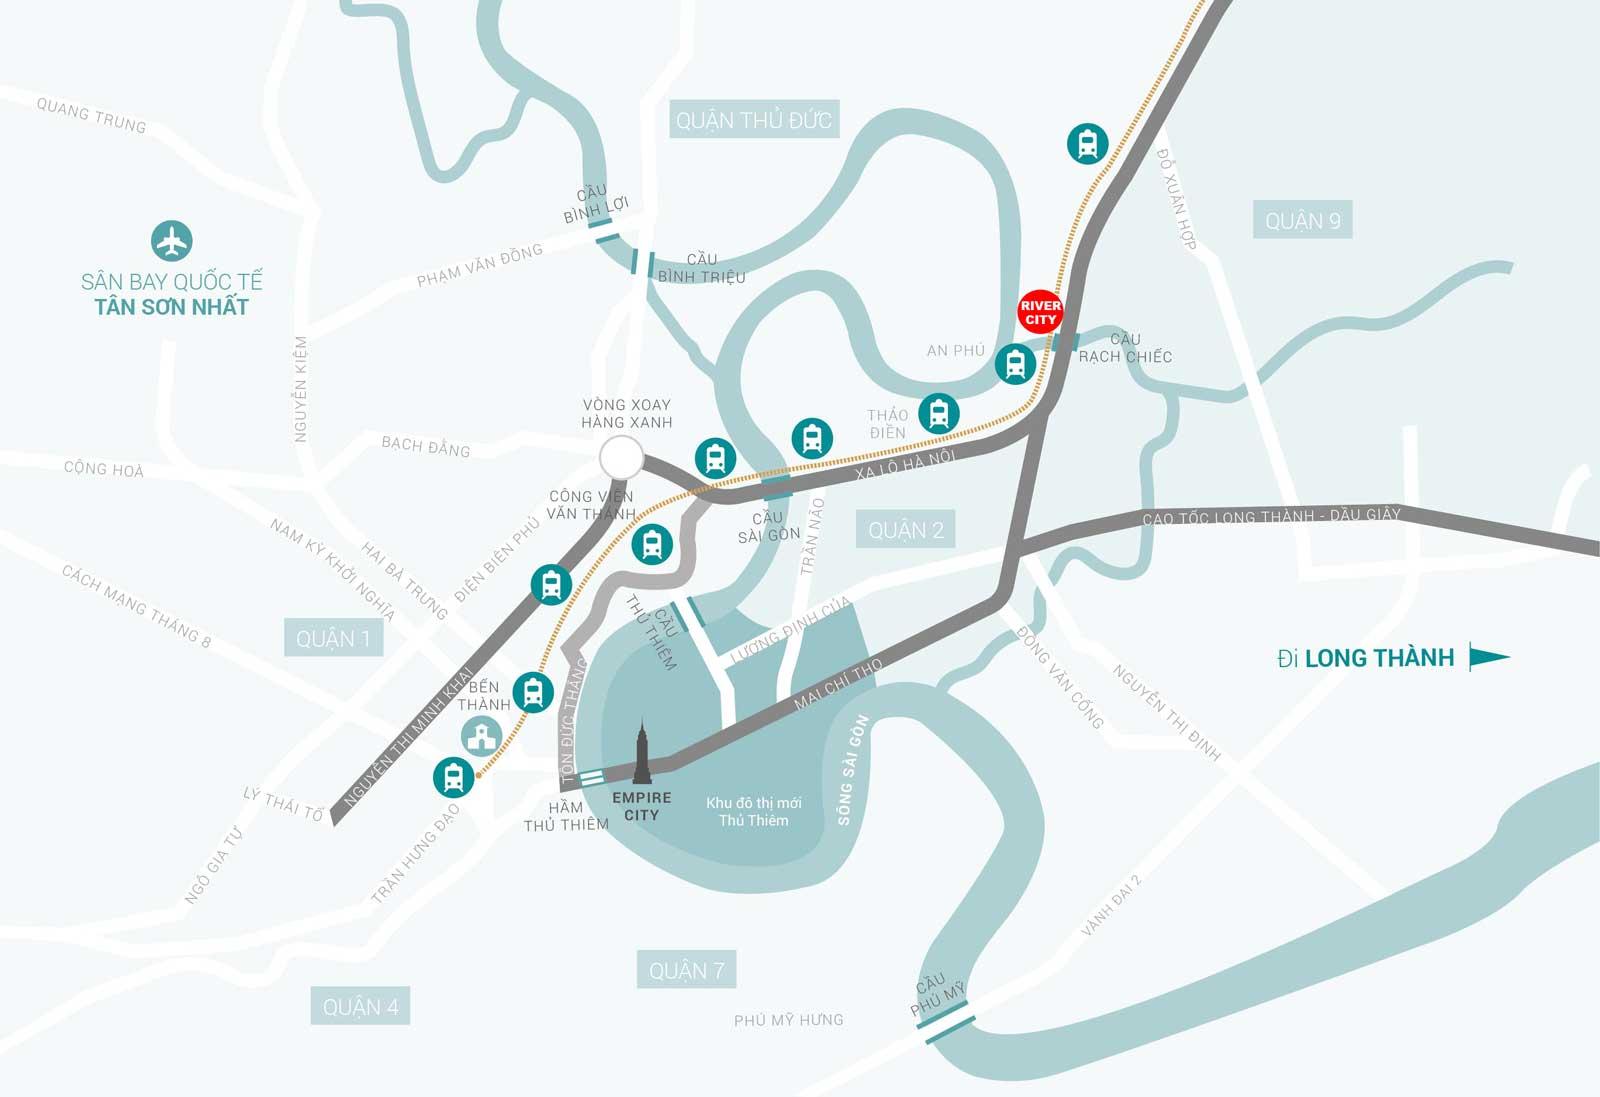 Vị trí dự án khu đô thị ven sông đẳng cấp River City Thủ Đức